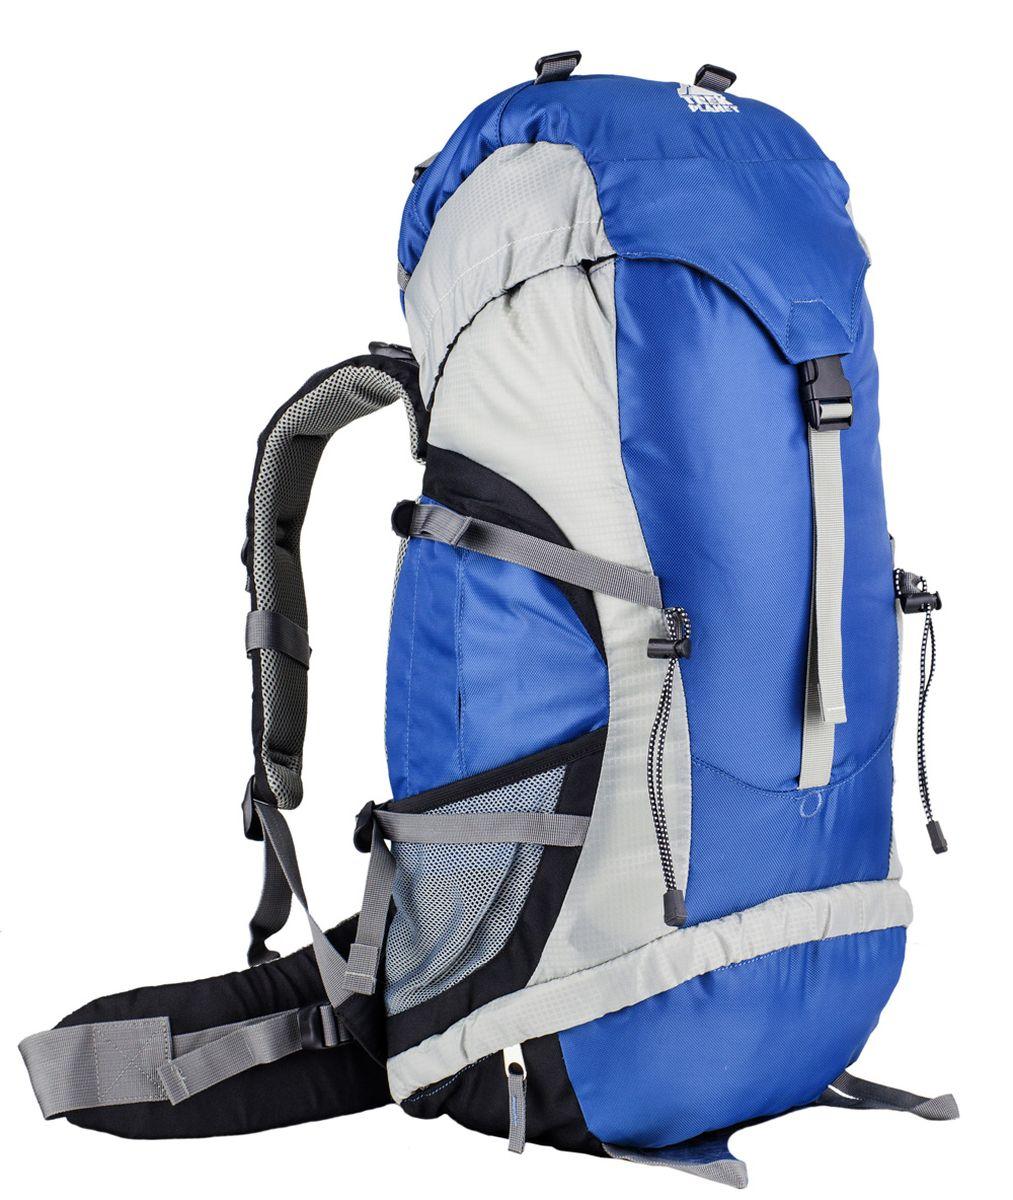 Рюкзак туристический Trek Planet Move 45, цвет: синий70554Универсальный туристический рюкзак Trek Planet Move 45 - отличный выбор для небольших походов и путешествий. Двойные боковые и вертикальная стропы позволяют превосходно отрегулировать рюкзак по нужному объему. Анатомическая вентилируемая и регулируемая спинка обеспечивает максимальный комфорт и стабилизацию рюкзака на спине. Карманы по бокам и внизу рюкзака, для часто используемых походных принадлежностей или бутылок с водой. Особенности рюкзака: - Анатомическая вентилируемая спина, - Анатомические регулируемые лямки, - Дополнительные боковые карманы на молнии, - Дополнительный вход в нижнее отделение, - Внутренний карман для документов, - Карман в верхнем клапане, - Сетчатые боковые карманы, - Многофункциональная навеска для снаряжения, - Карман на поясном ремне, - Компрессионные ремни, - Съемный чехол от дождя.